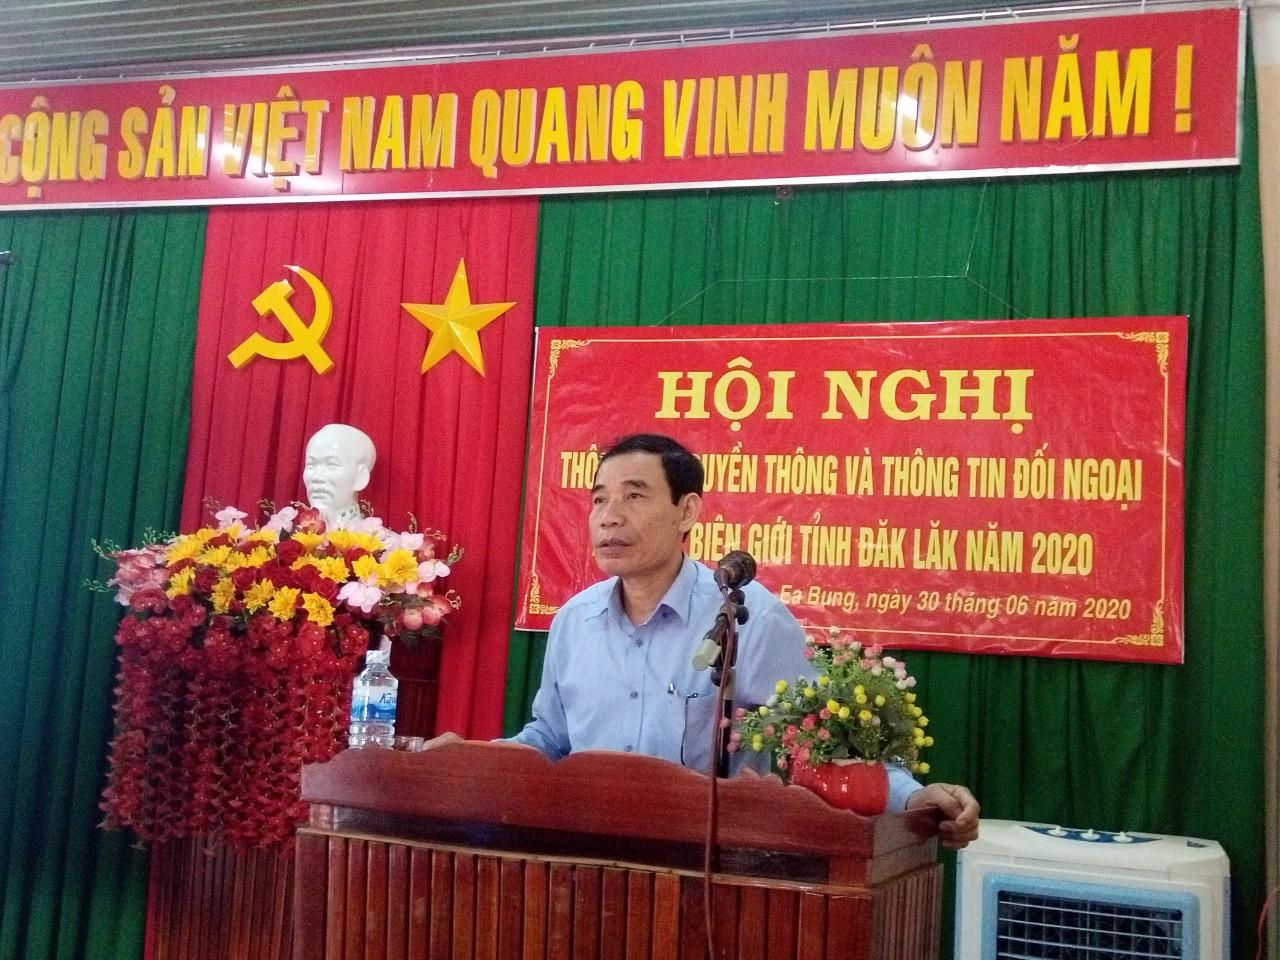 Hội nghị thông tin đối ngoại khu vực biên giới tỉnh Đắk Lắk, đợt 1 năm 2020